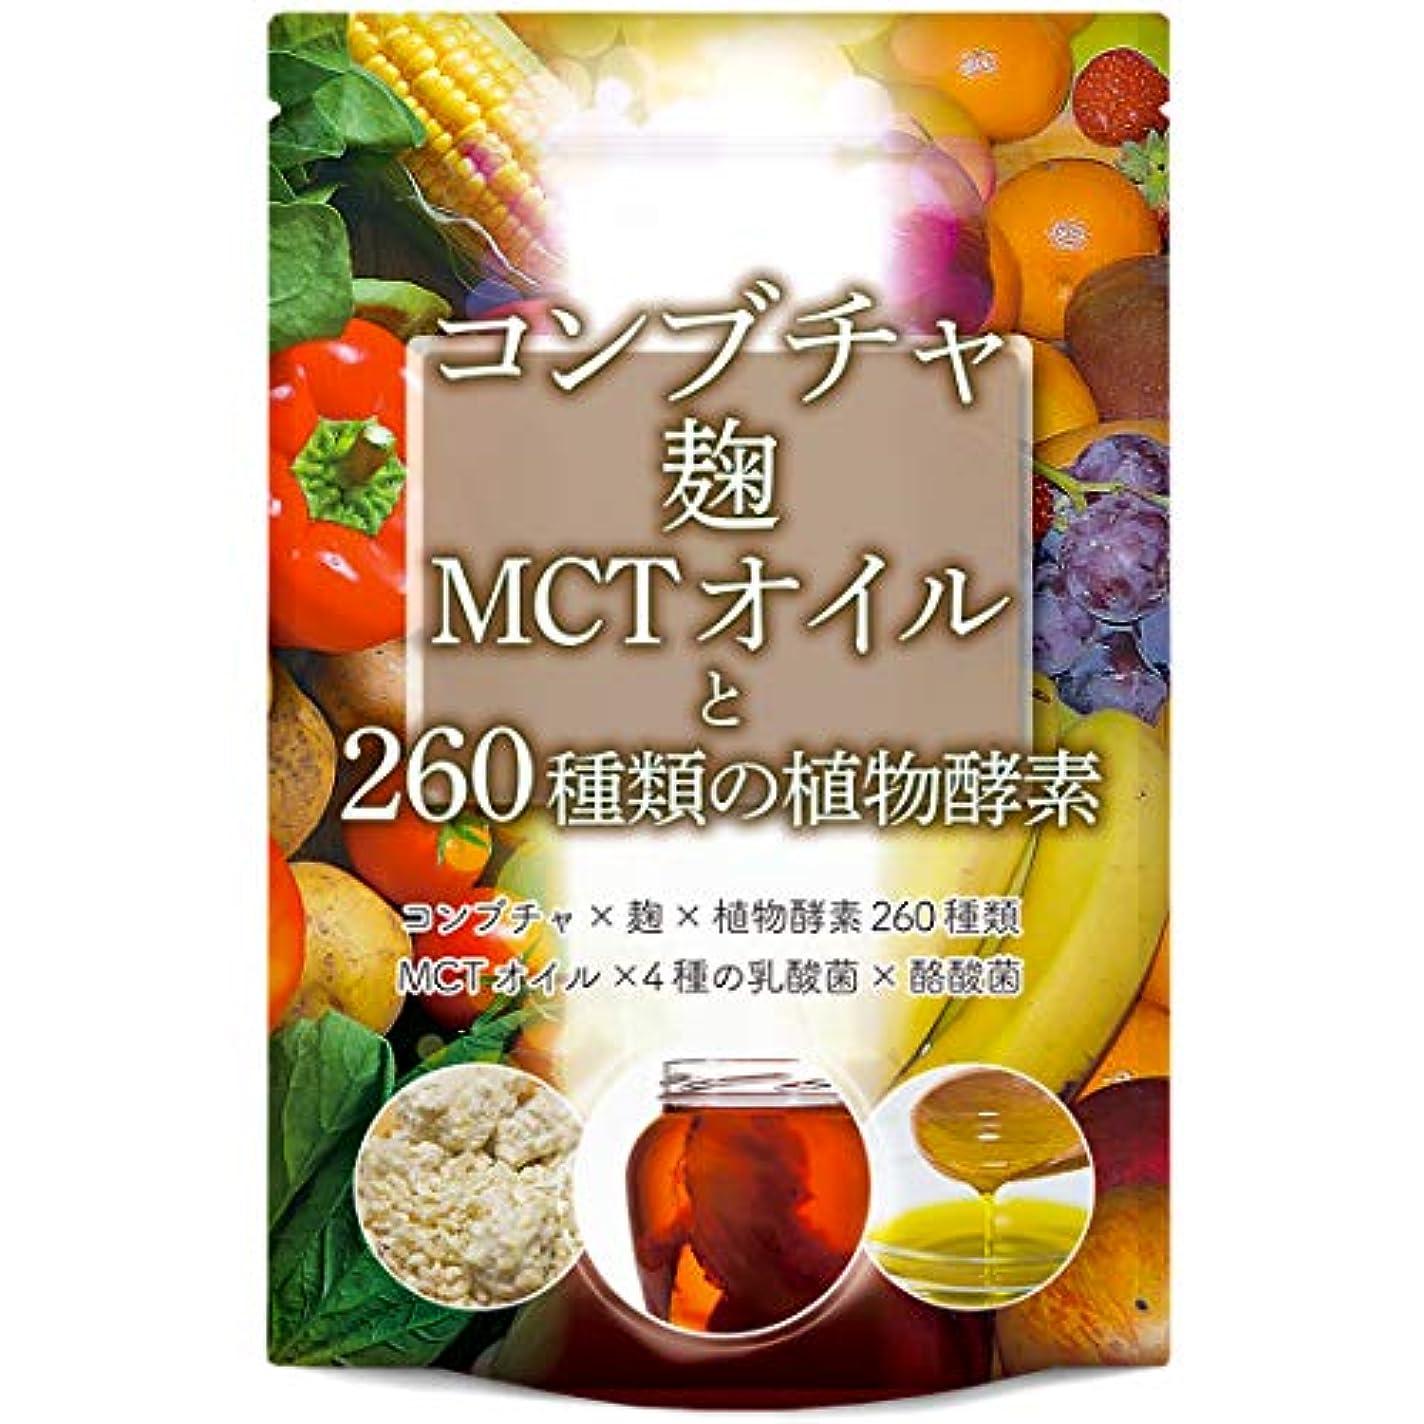 配偶者刑務所厄介なコンブチャ 麹 MCTオイル 260種類の植物酵素 ダイエット サプリメント 30粒 30日分